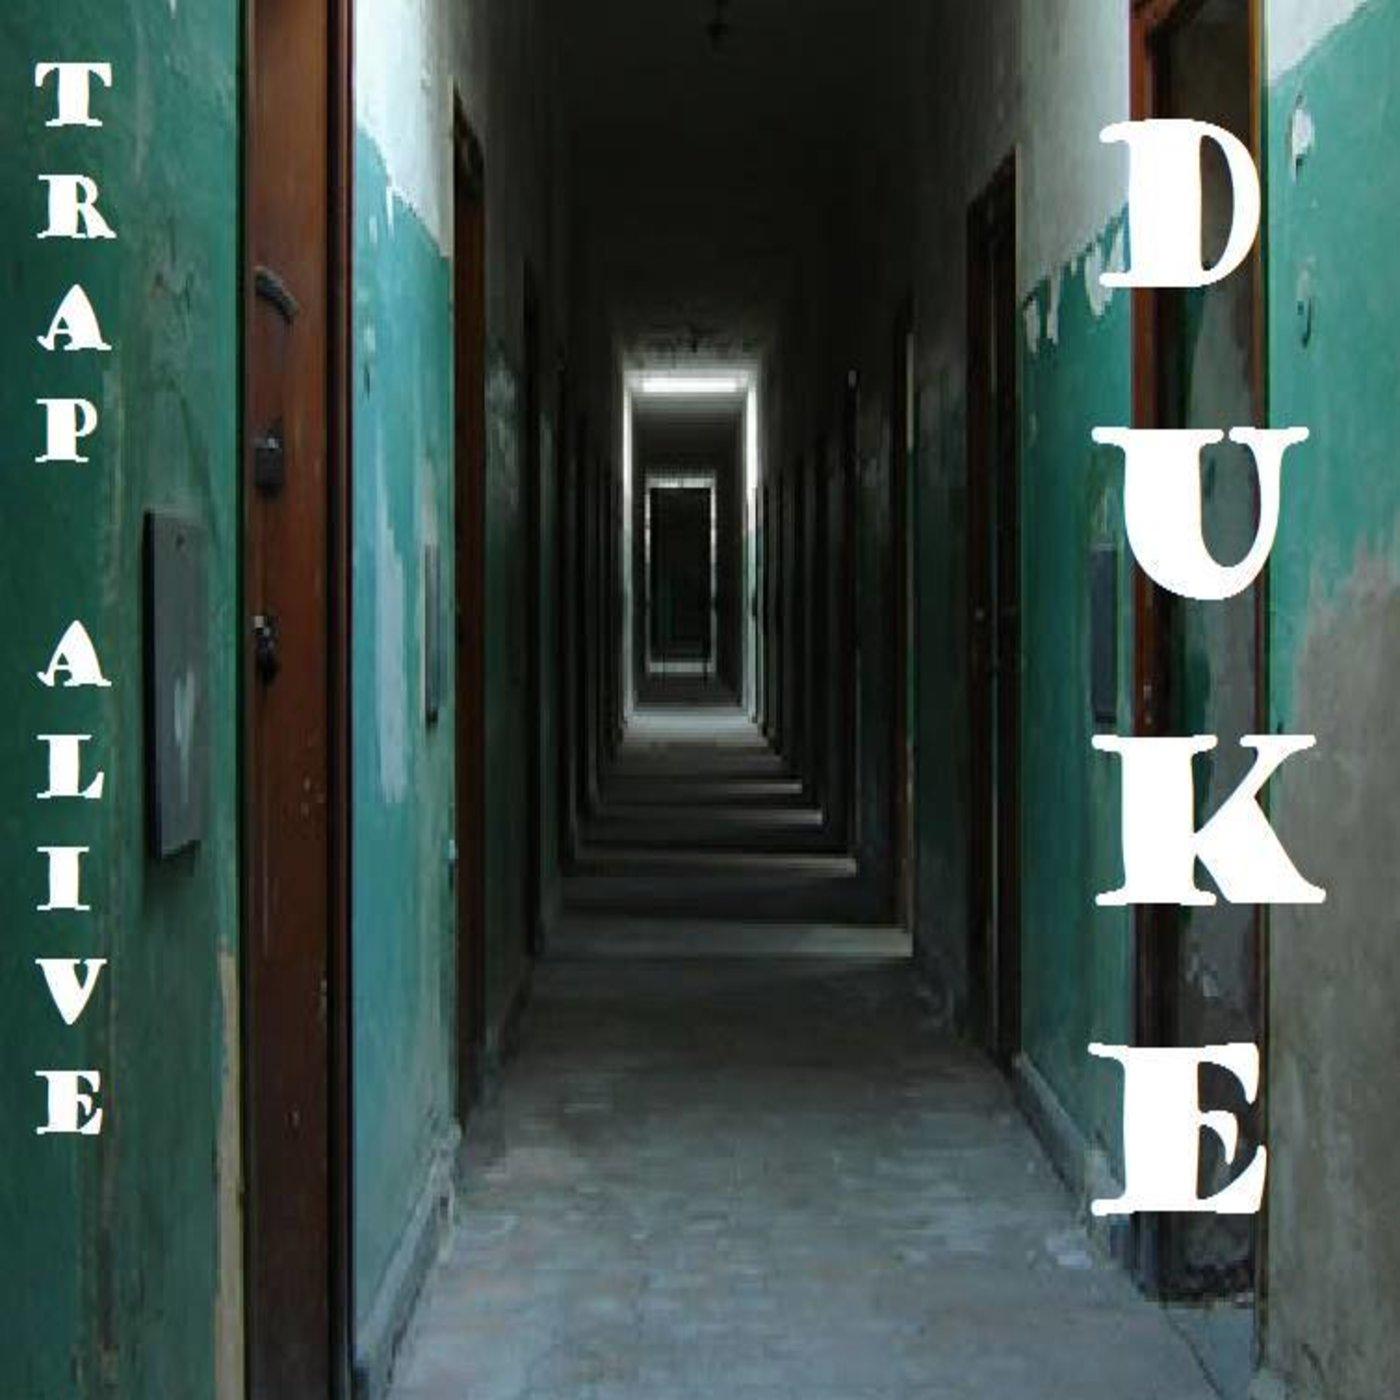 Artist Duke - Trap Alive Release